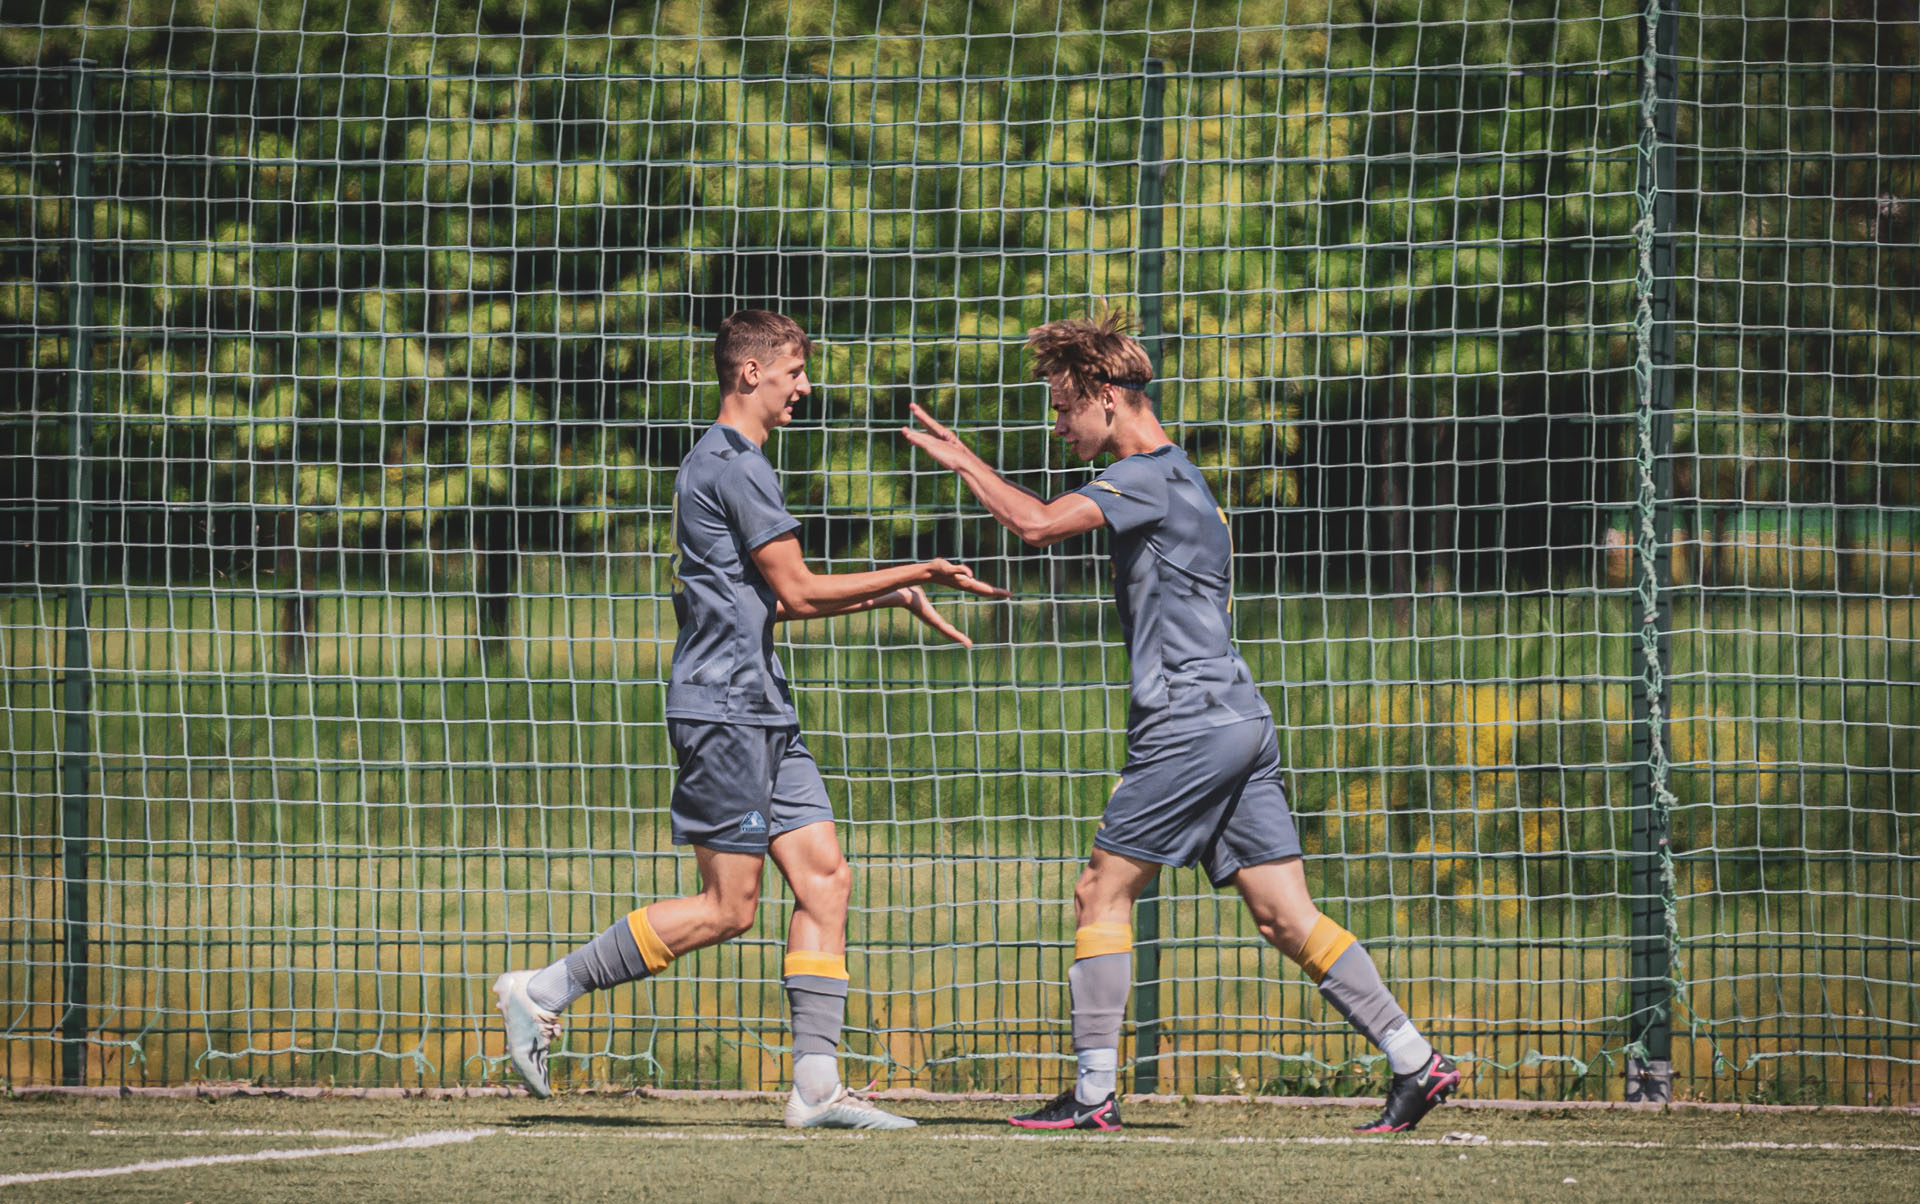 Stal Rzeszów U19 - Sandecja Nowy Sącz, 19-06-2021, fot. K.Krupa